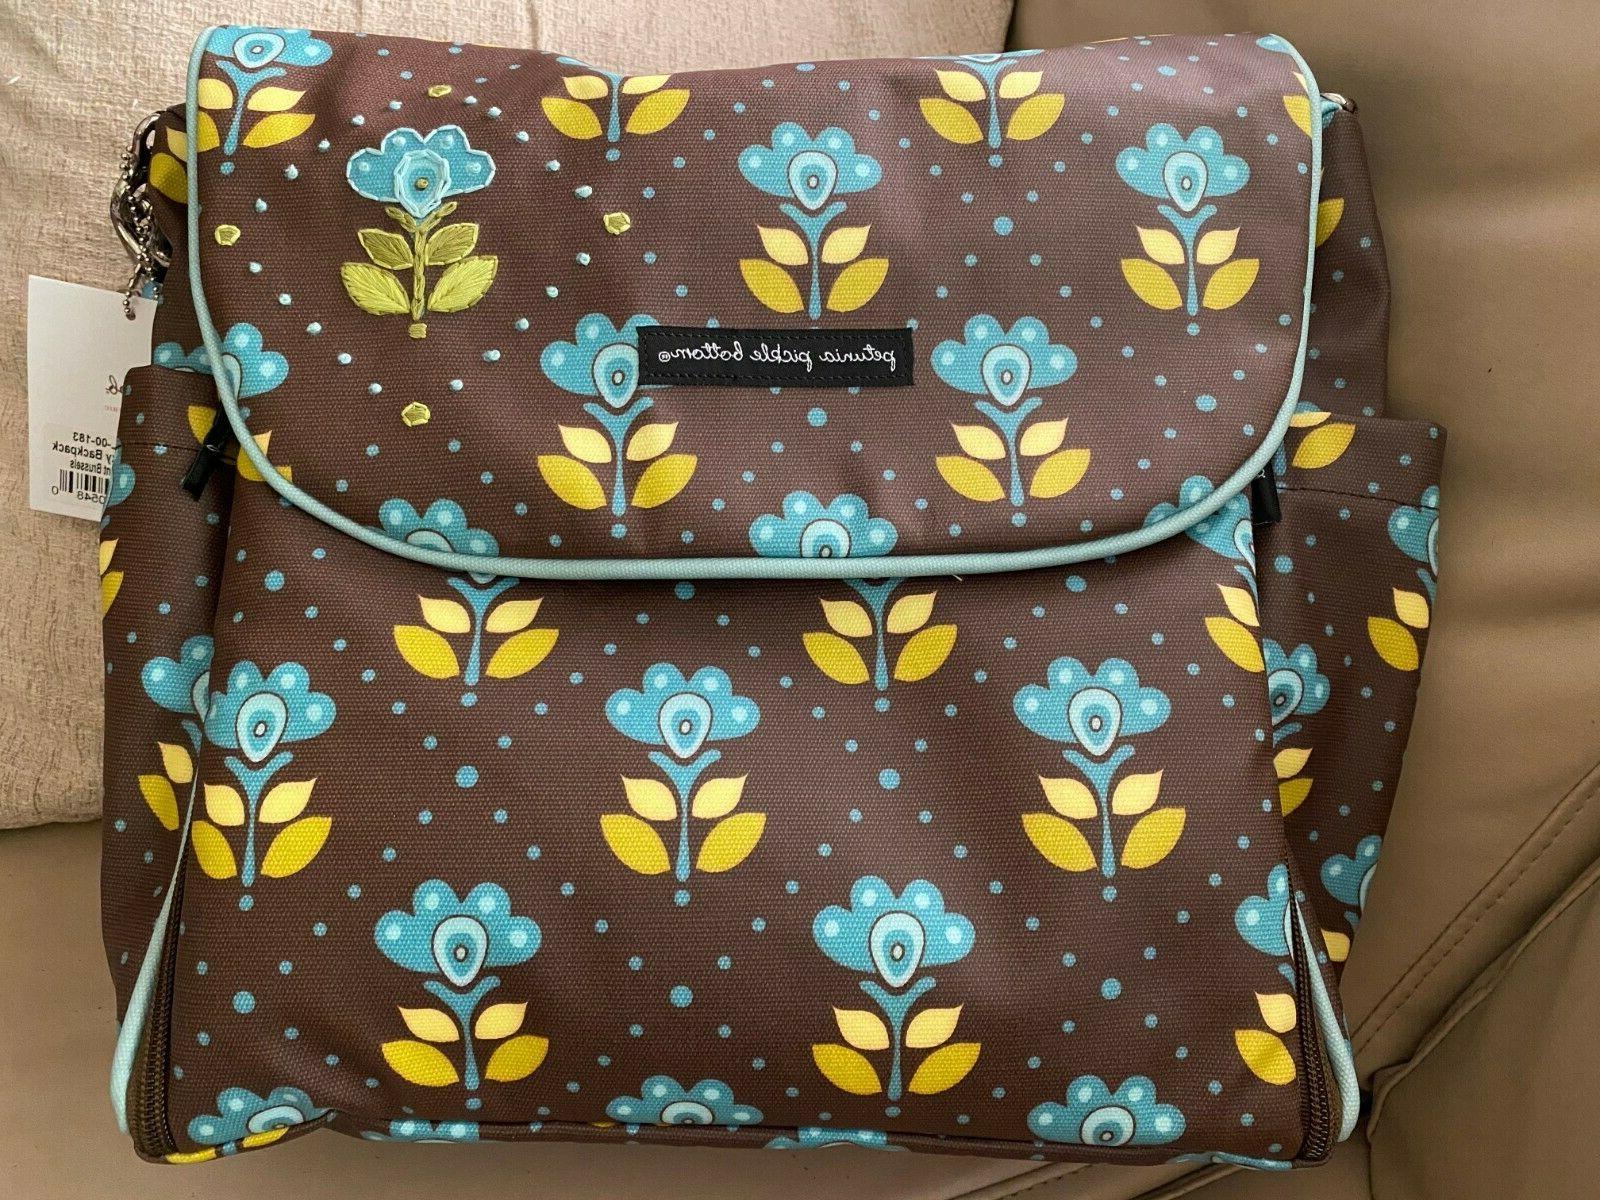 boxy backpack diaper bag nwt glazed